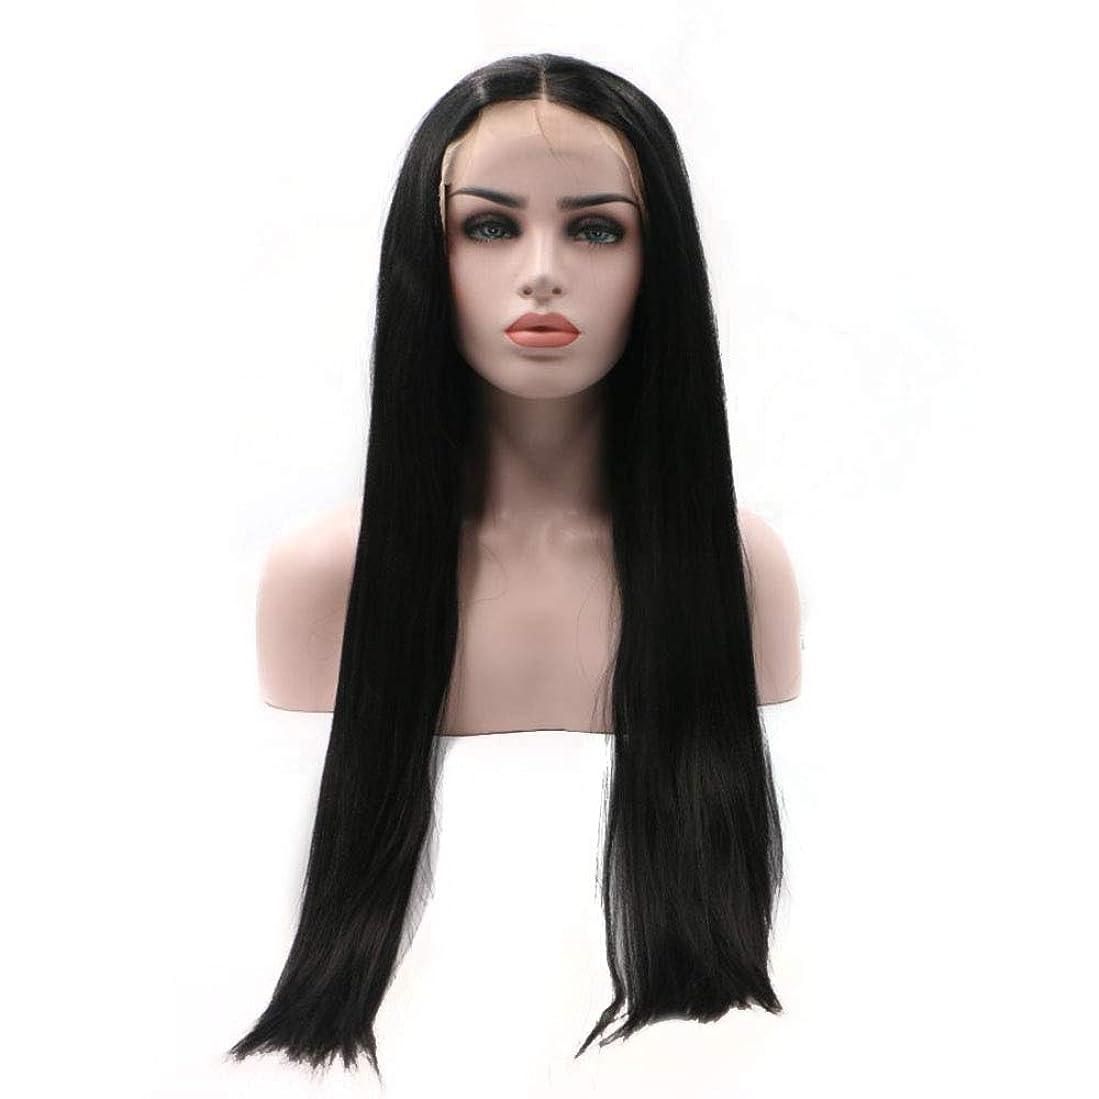 感謝している責任ダウンBOBIDYEE 合成髪レースかつらロールプレイングウィッグ黒ロングストレート髪化学繊維高温シルク手織りかつら (色 : 黒)